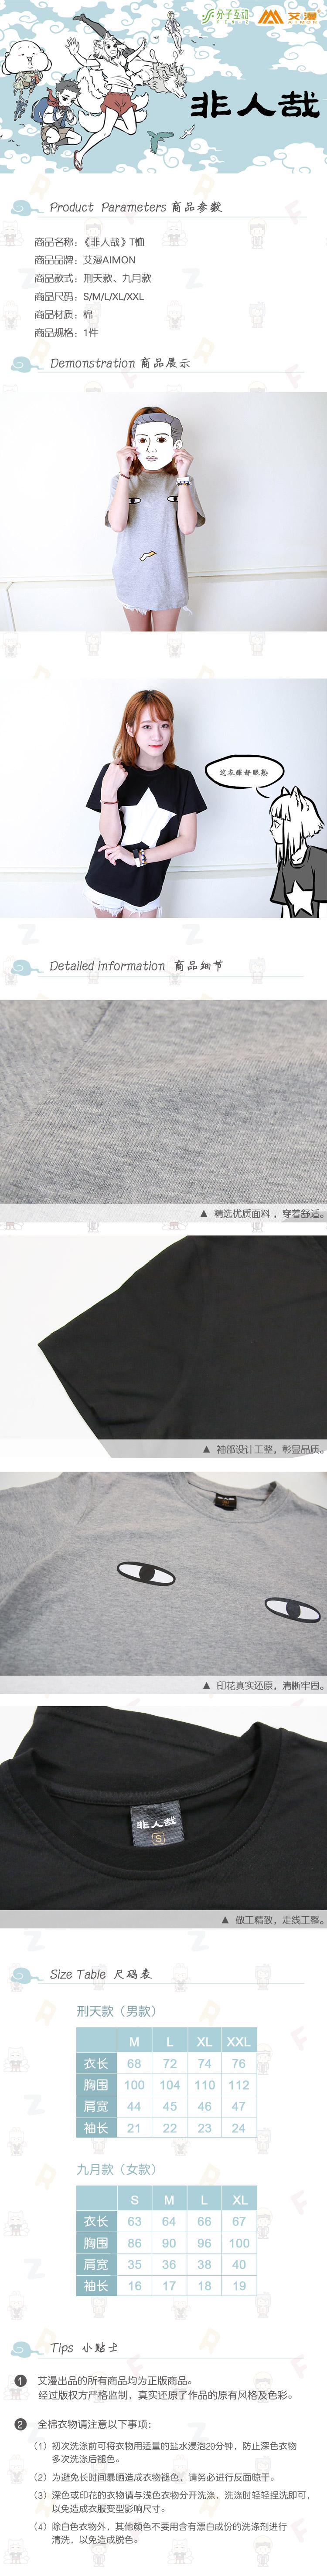 1523875936824非人哉-T恤条图20180416最终.jpg